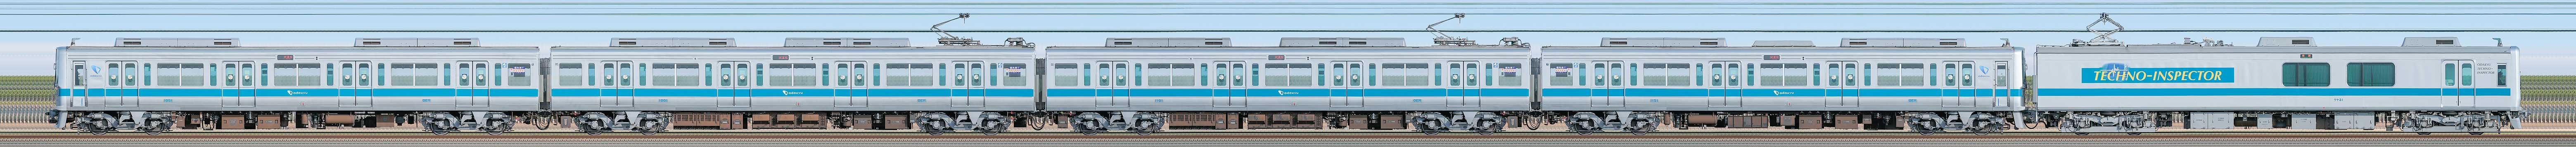 小田急1000形1051×4+クヤ31「テクノインスペクター」(山側)の編成サイドビュー